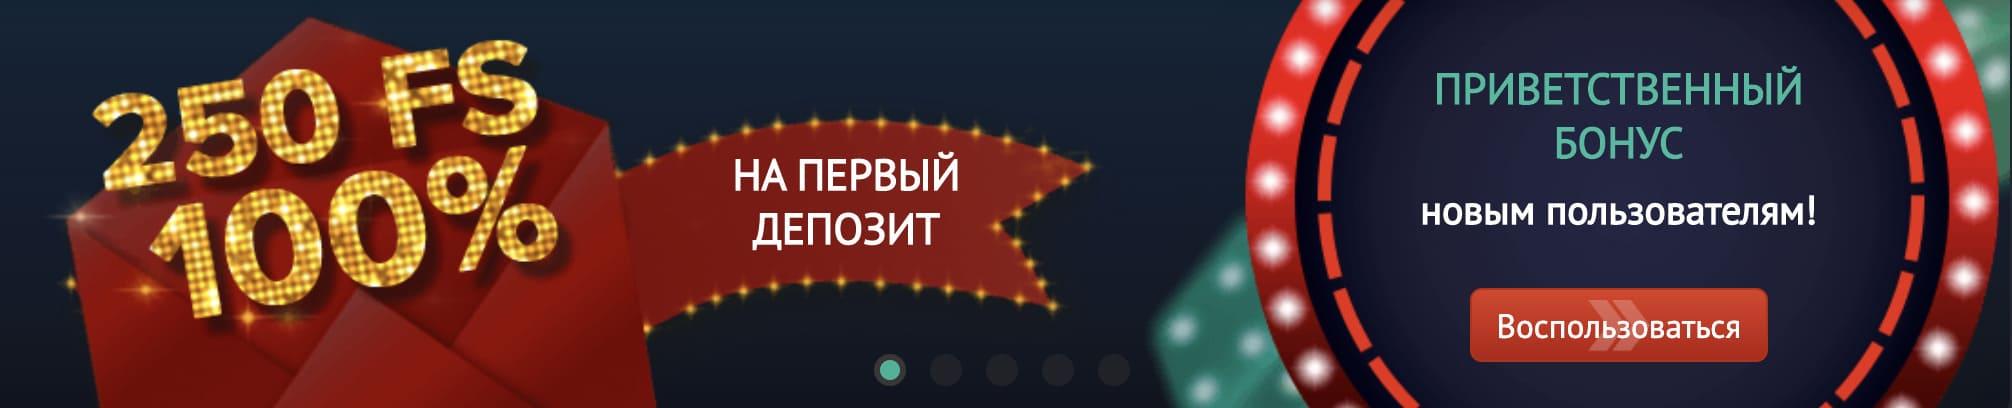 Pin up казино официальный сайт играть онлайн на весь экран бесплатно